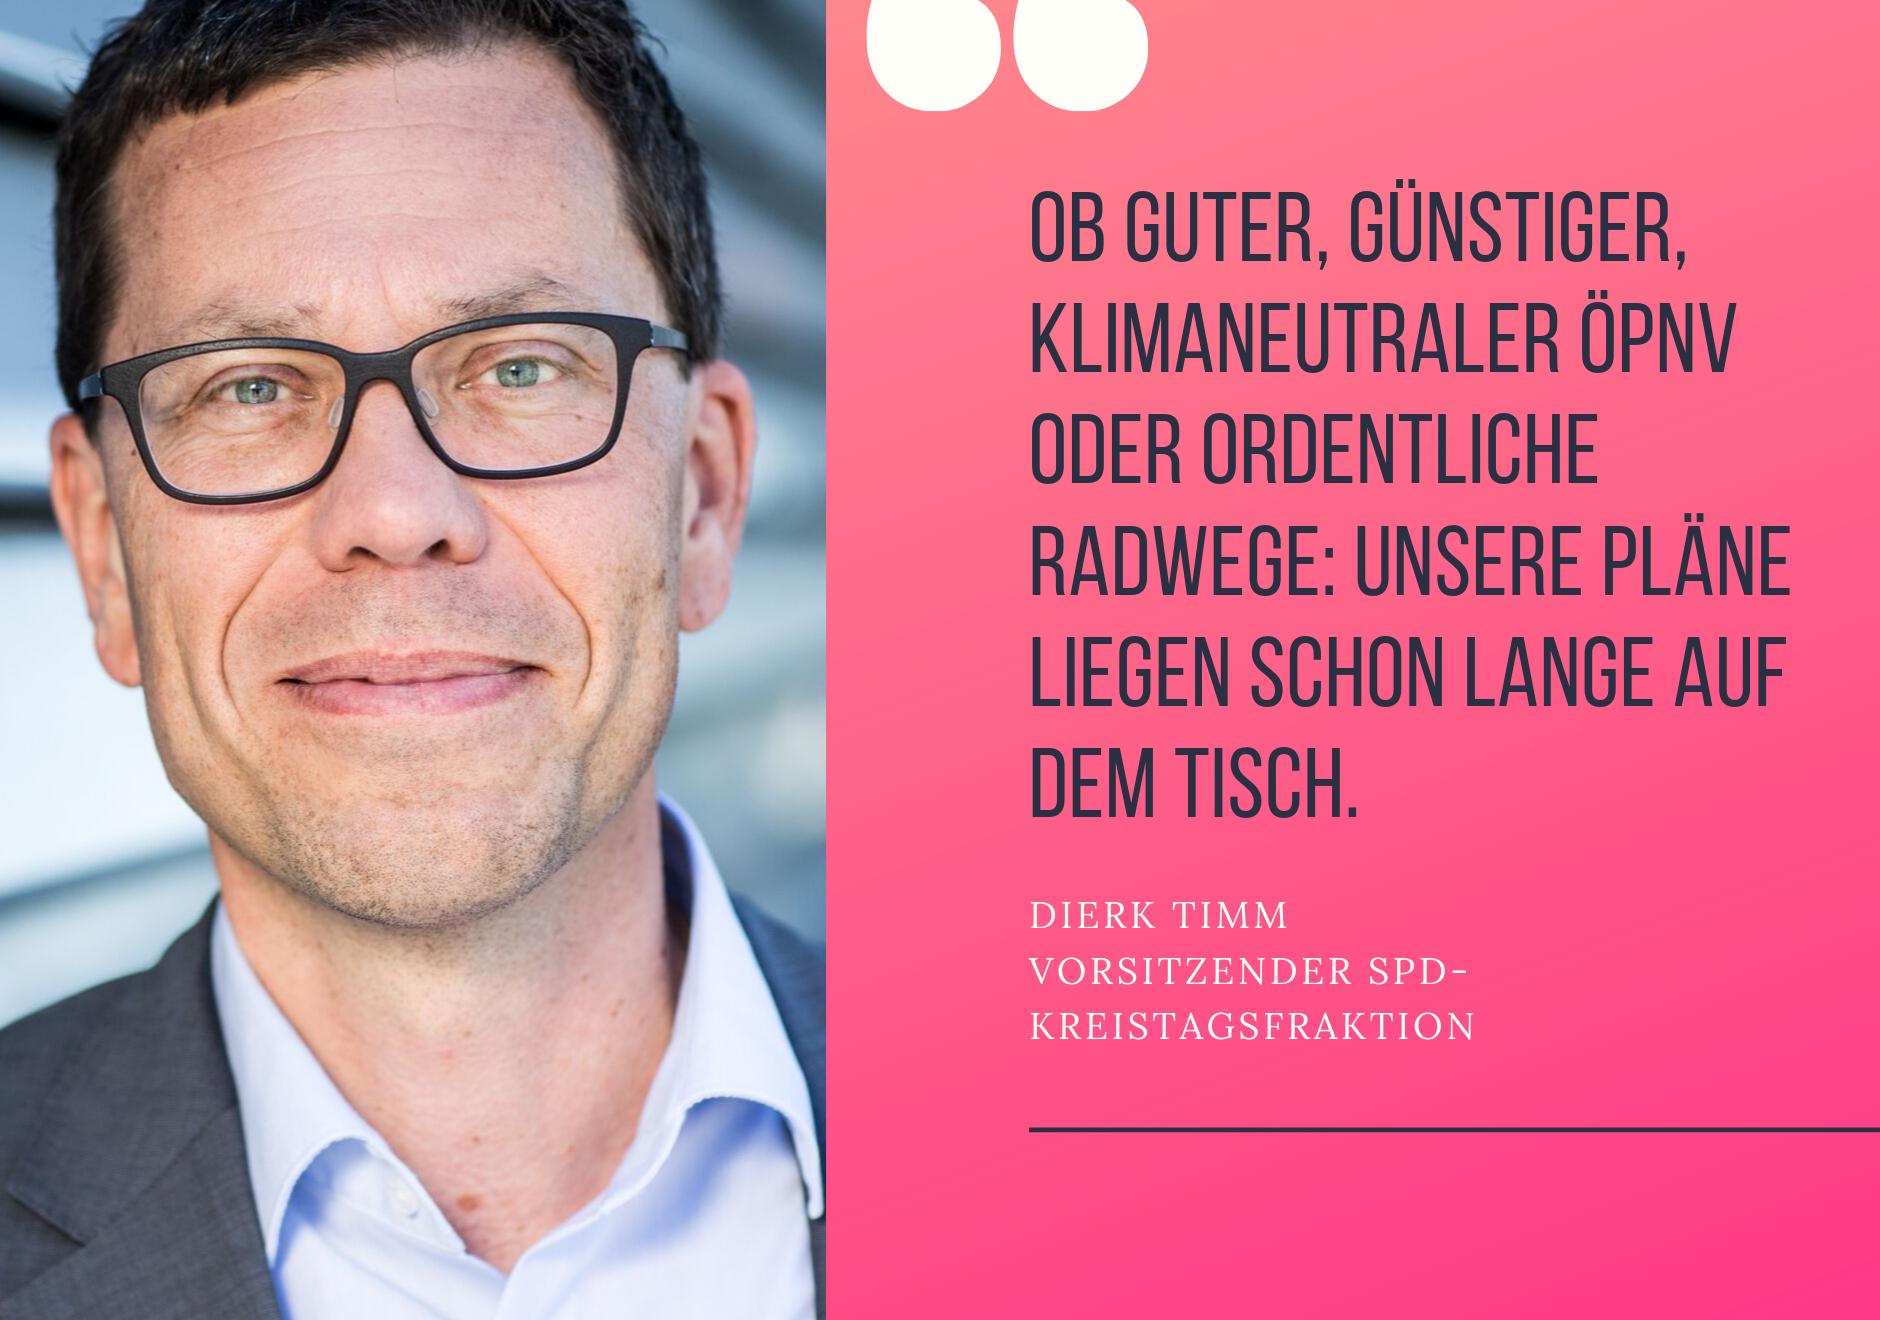 Dierk Timm: Ob guter, günstiger, klimaneutraler ÖPNV oder ordentliche Radwege: Unsere Pläne liegen schon lange auf dem Tisch.